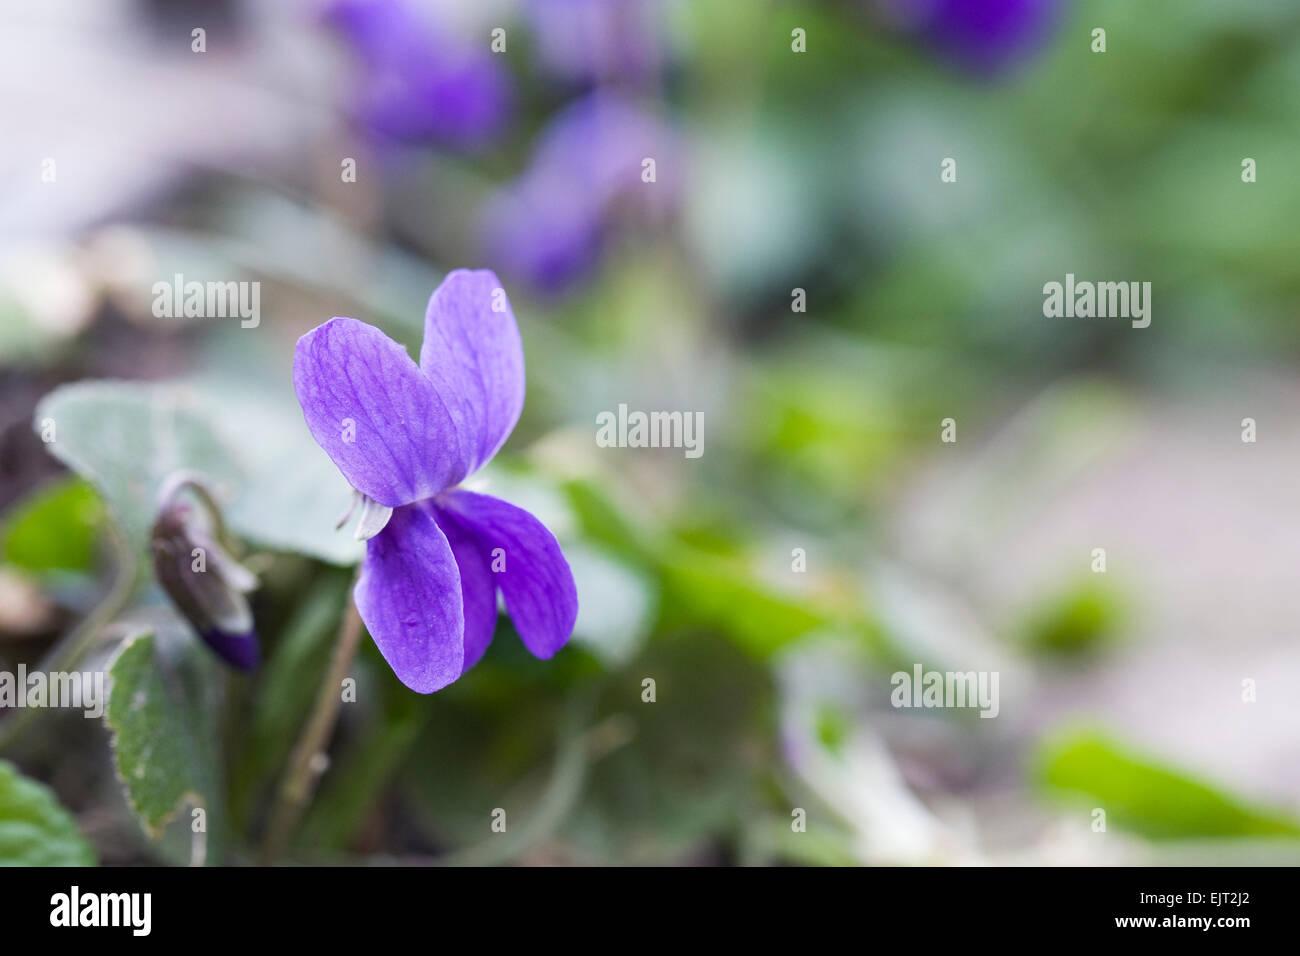 Viola odorata in the garden. - Stock Image